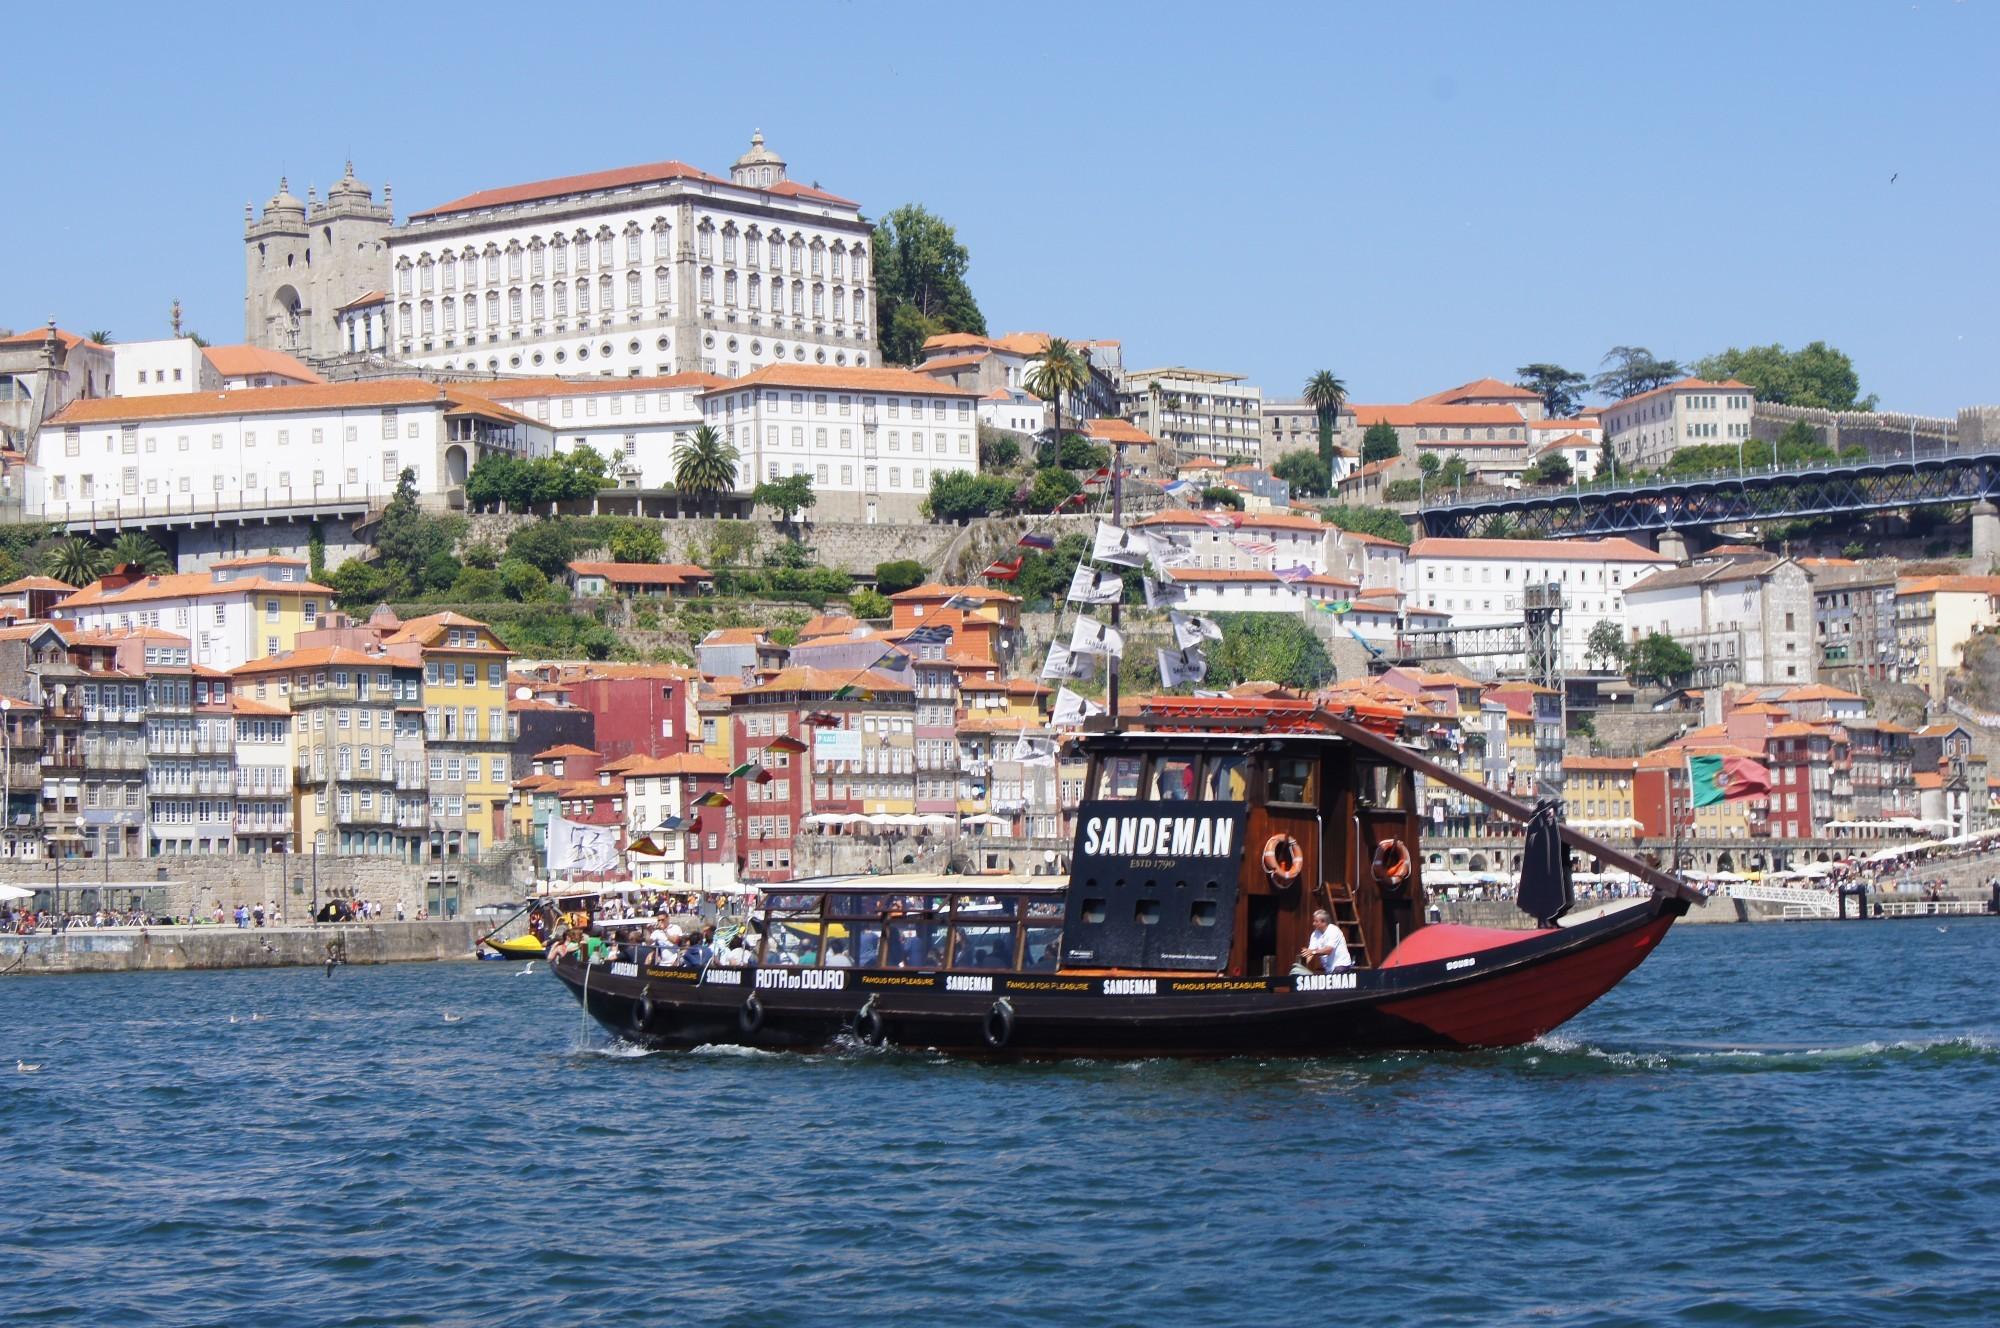 порту португалия фото еще глядя фото